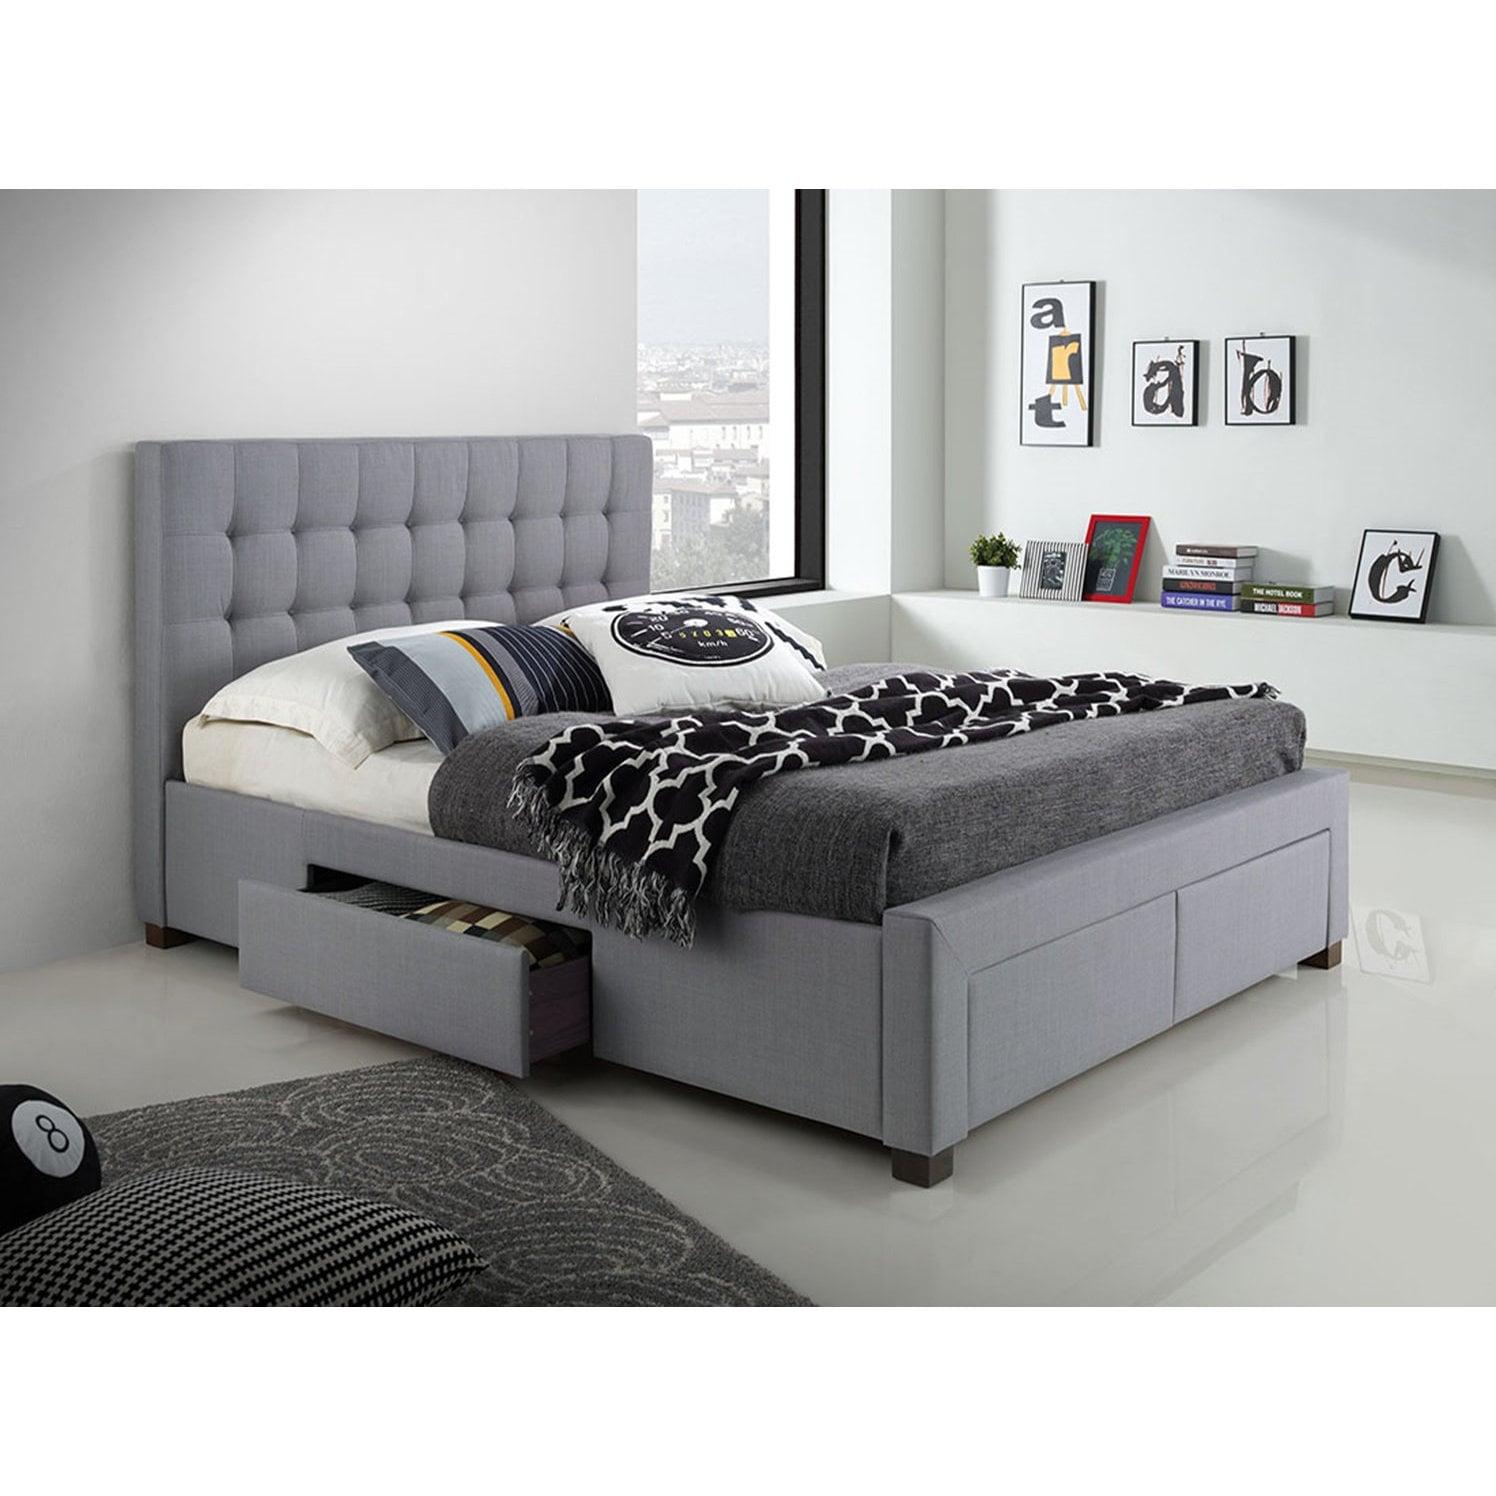 DG Casa Kyla Grey Wood/Fabric Queen 4-drawer Bed (Queen)